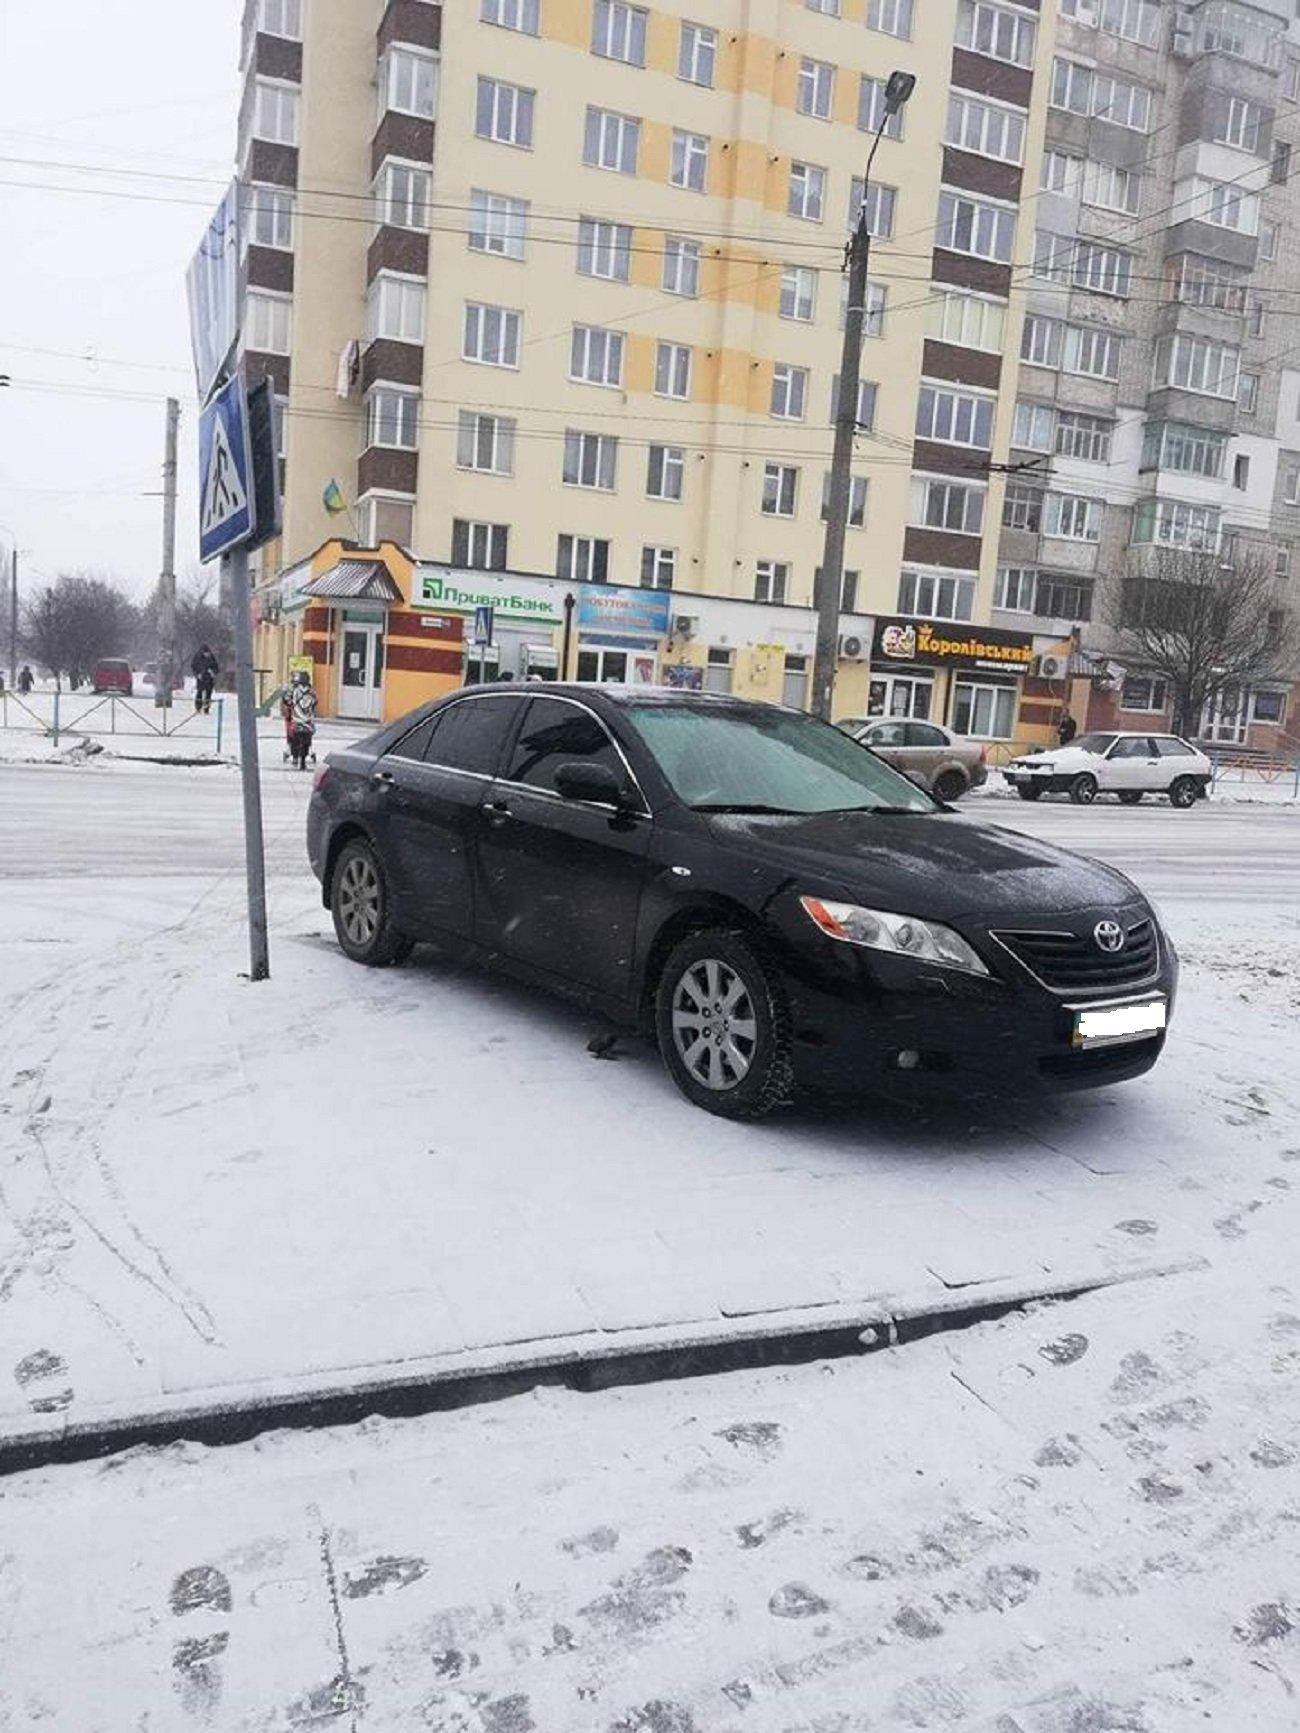 Автохам: підбірка фото хмельничан, що не вміють паркуватись, фото-7